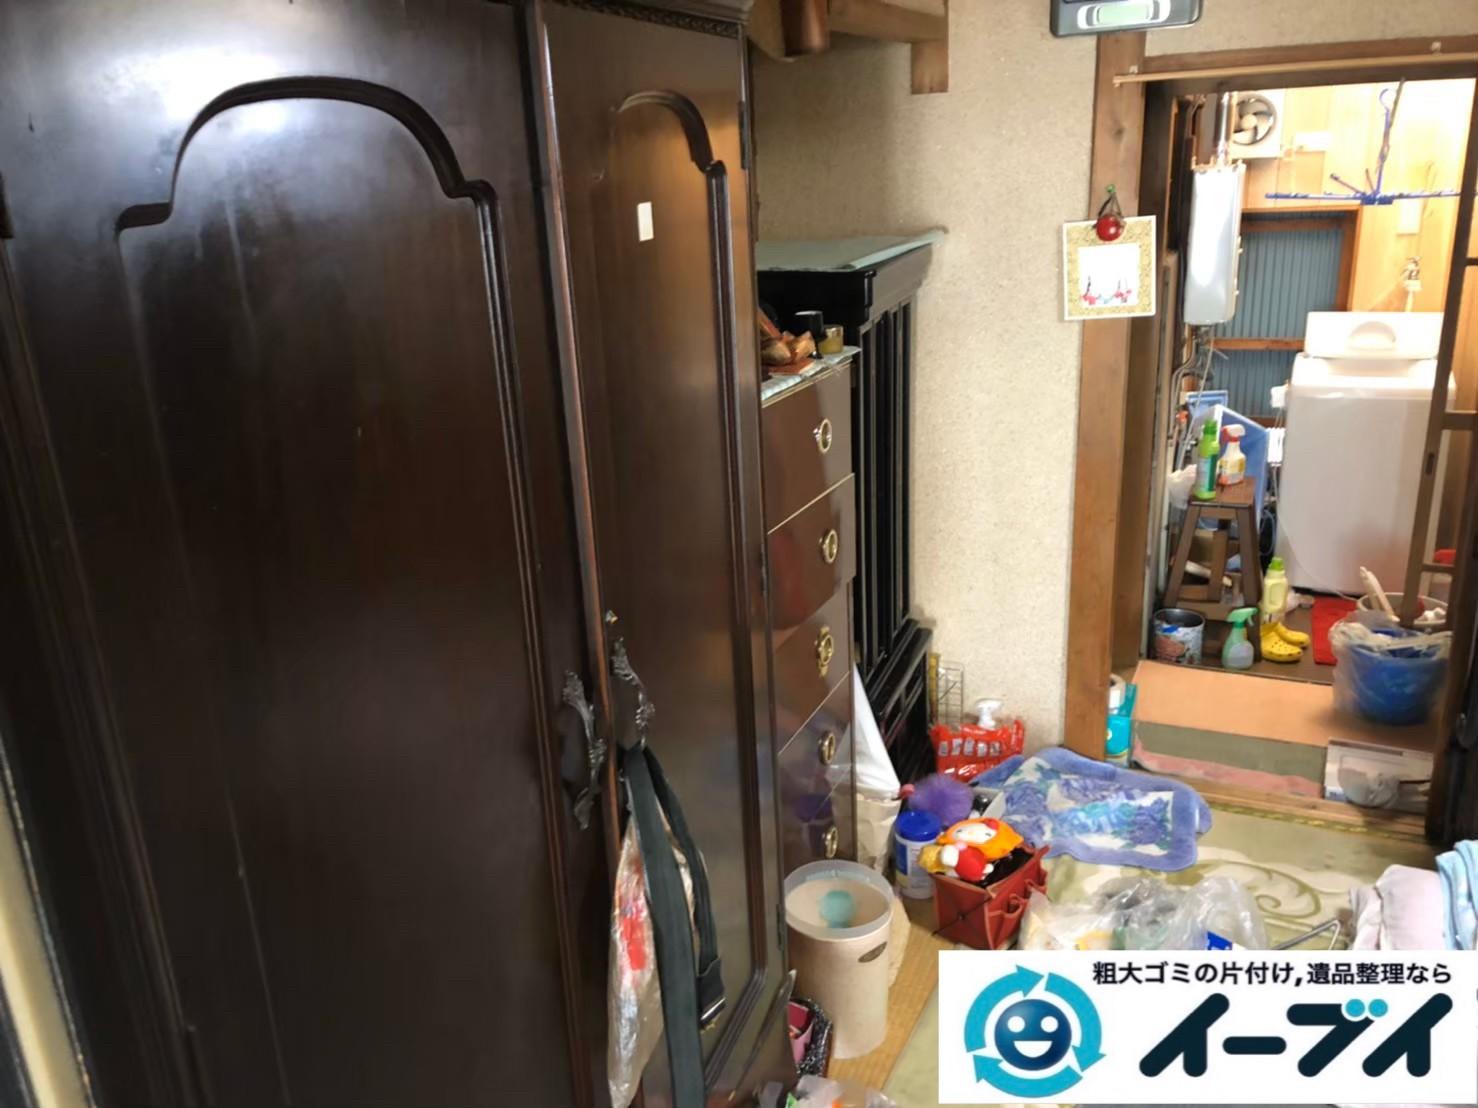 2020年8月13日大阪府大阪市城東区で長年住んだお家の、家財道具を一式処分させていただきました。写真3